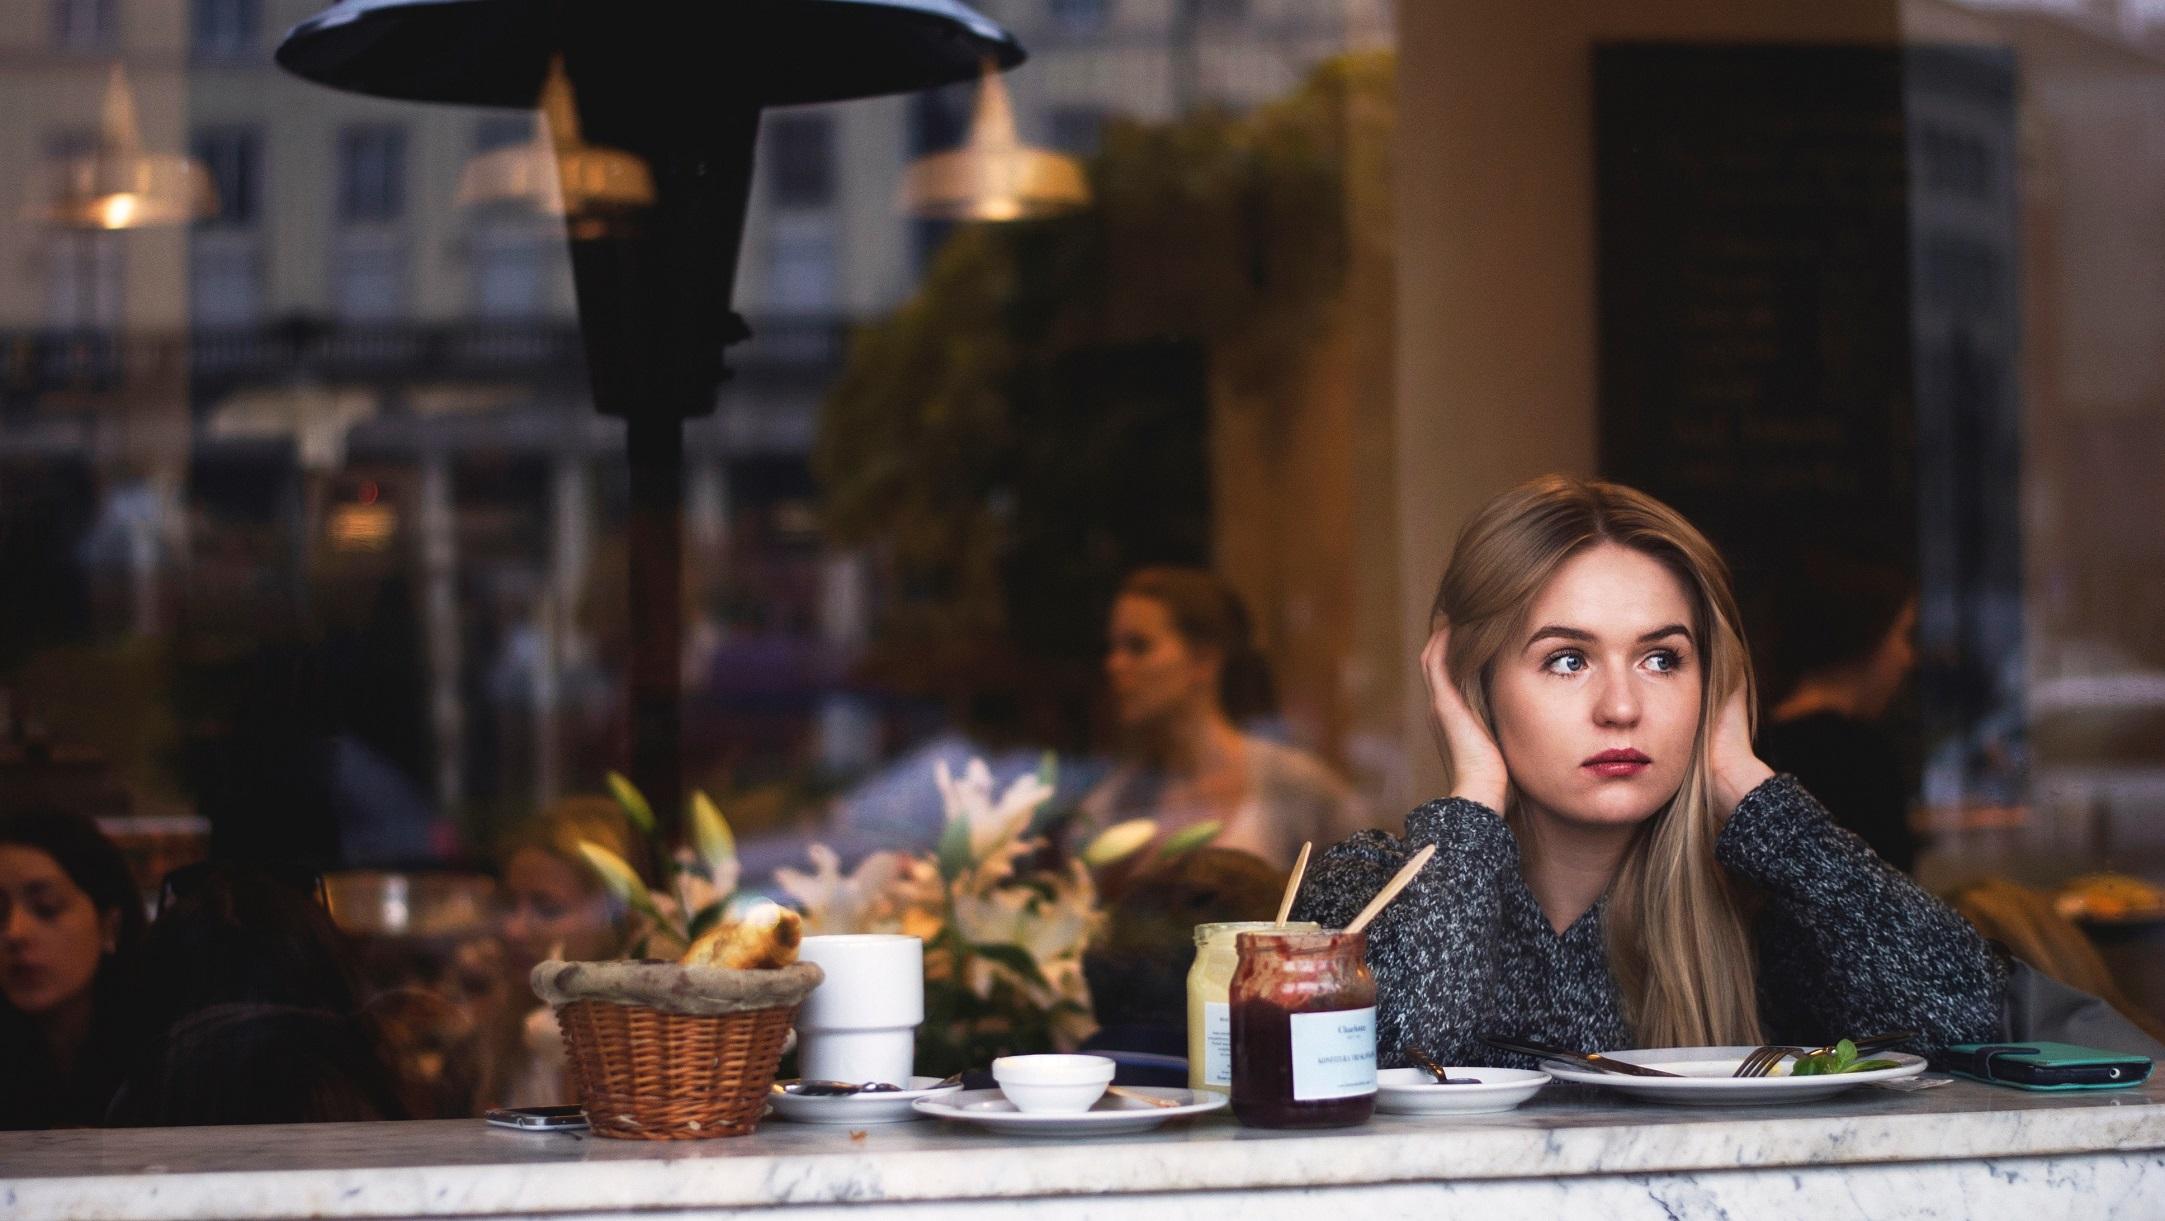 красивая девушка в кафе сидит задумчивая